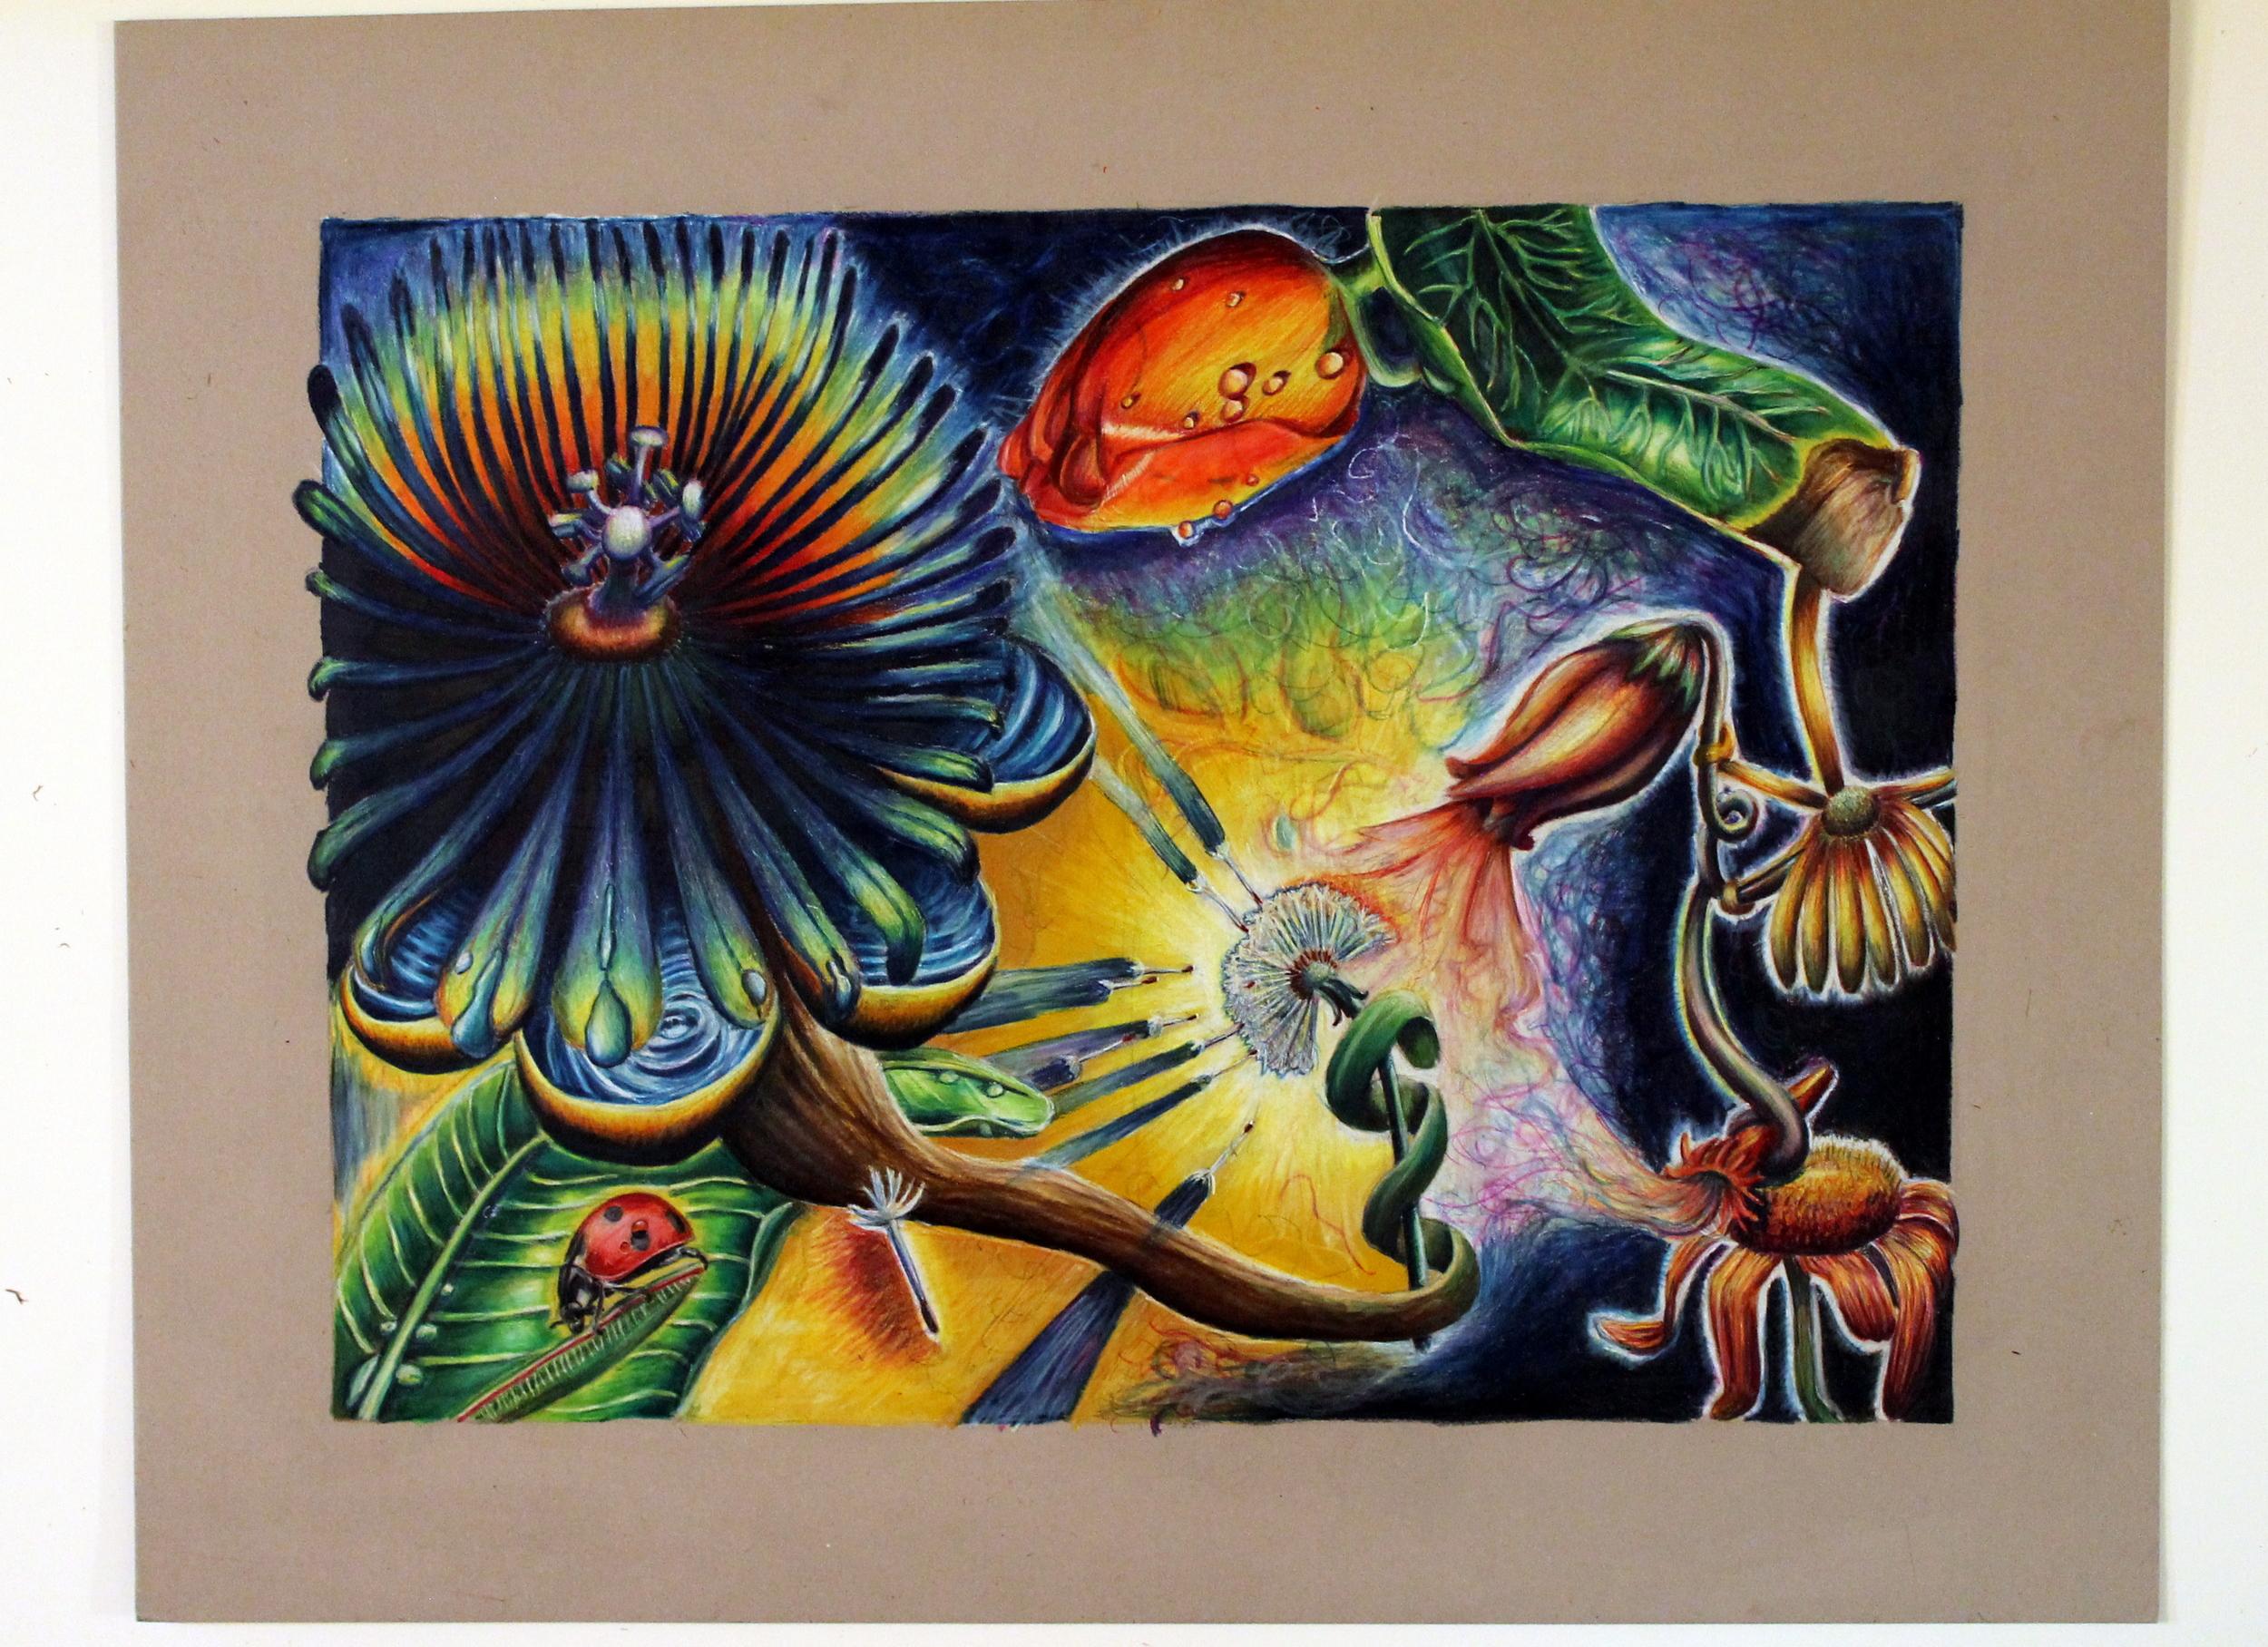 Floral Exploration (Colored pencil), 2009